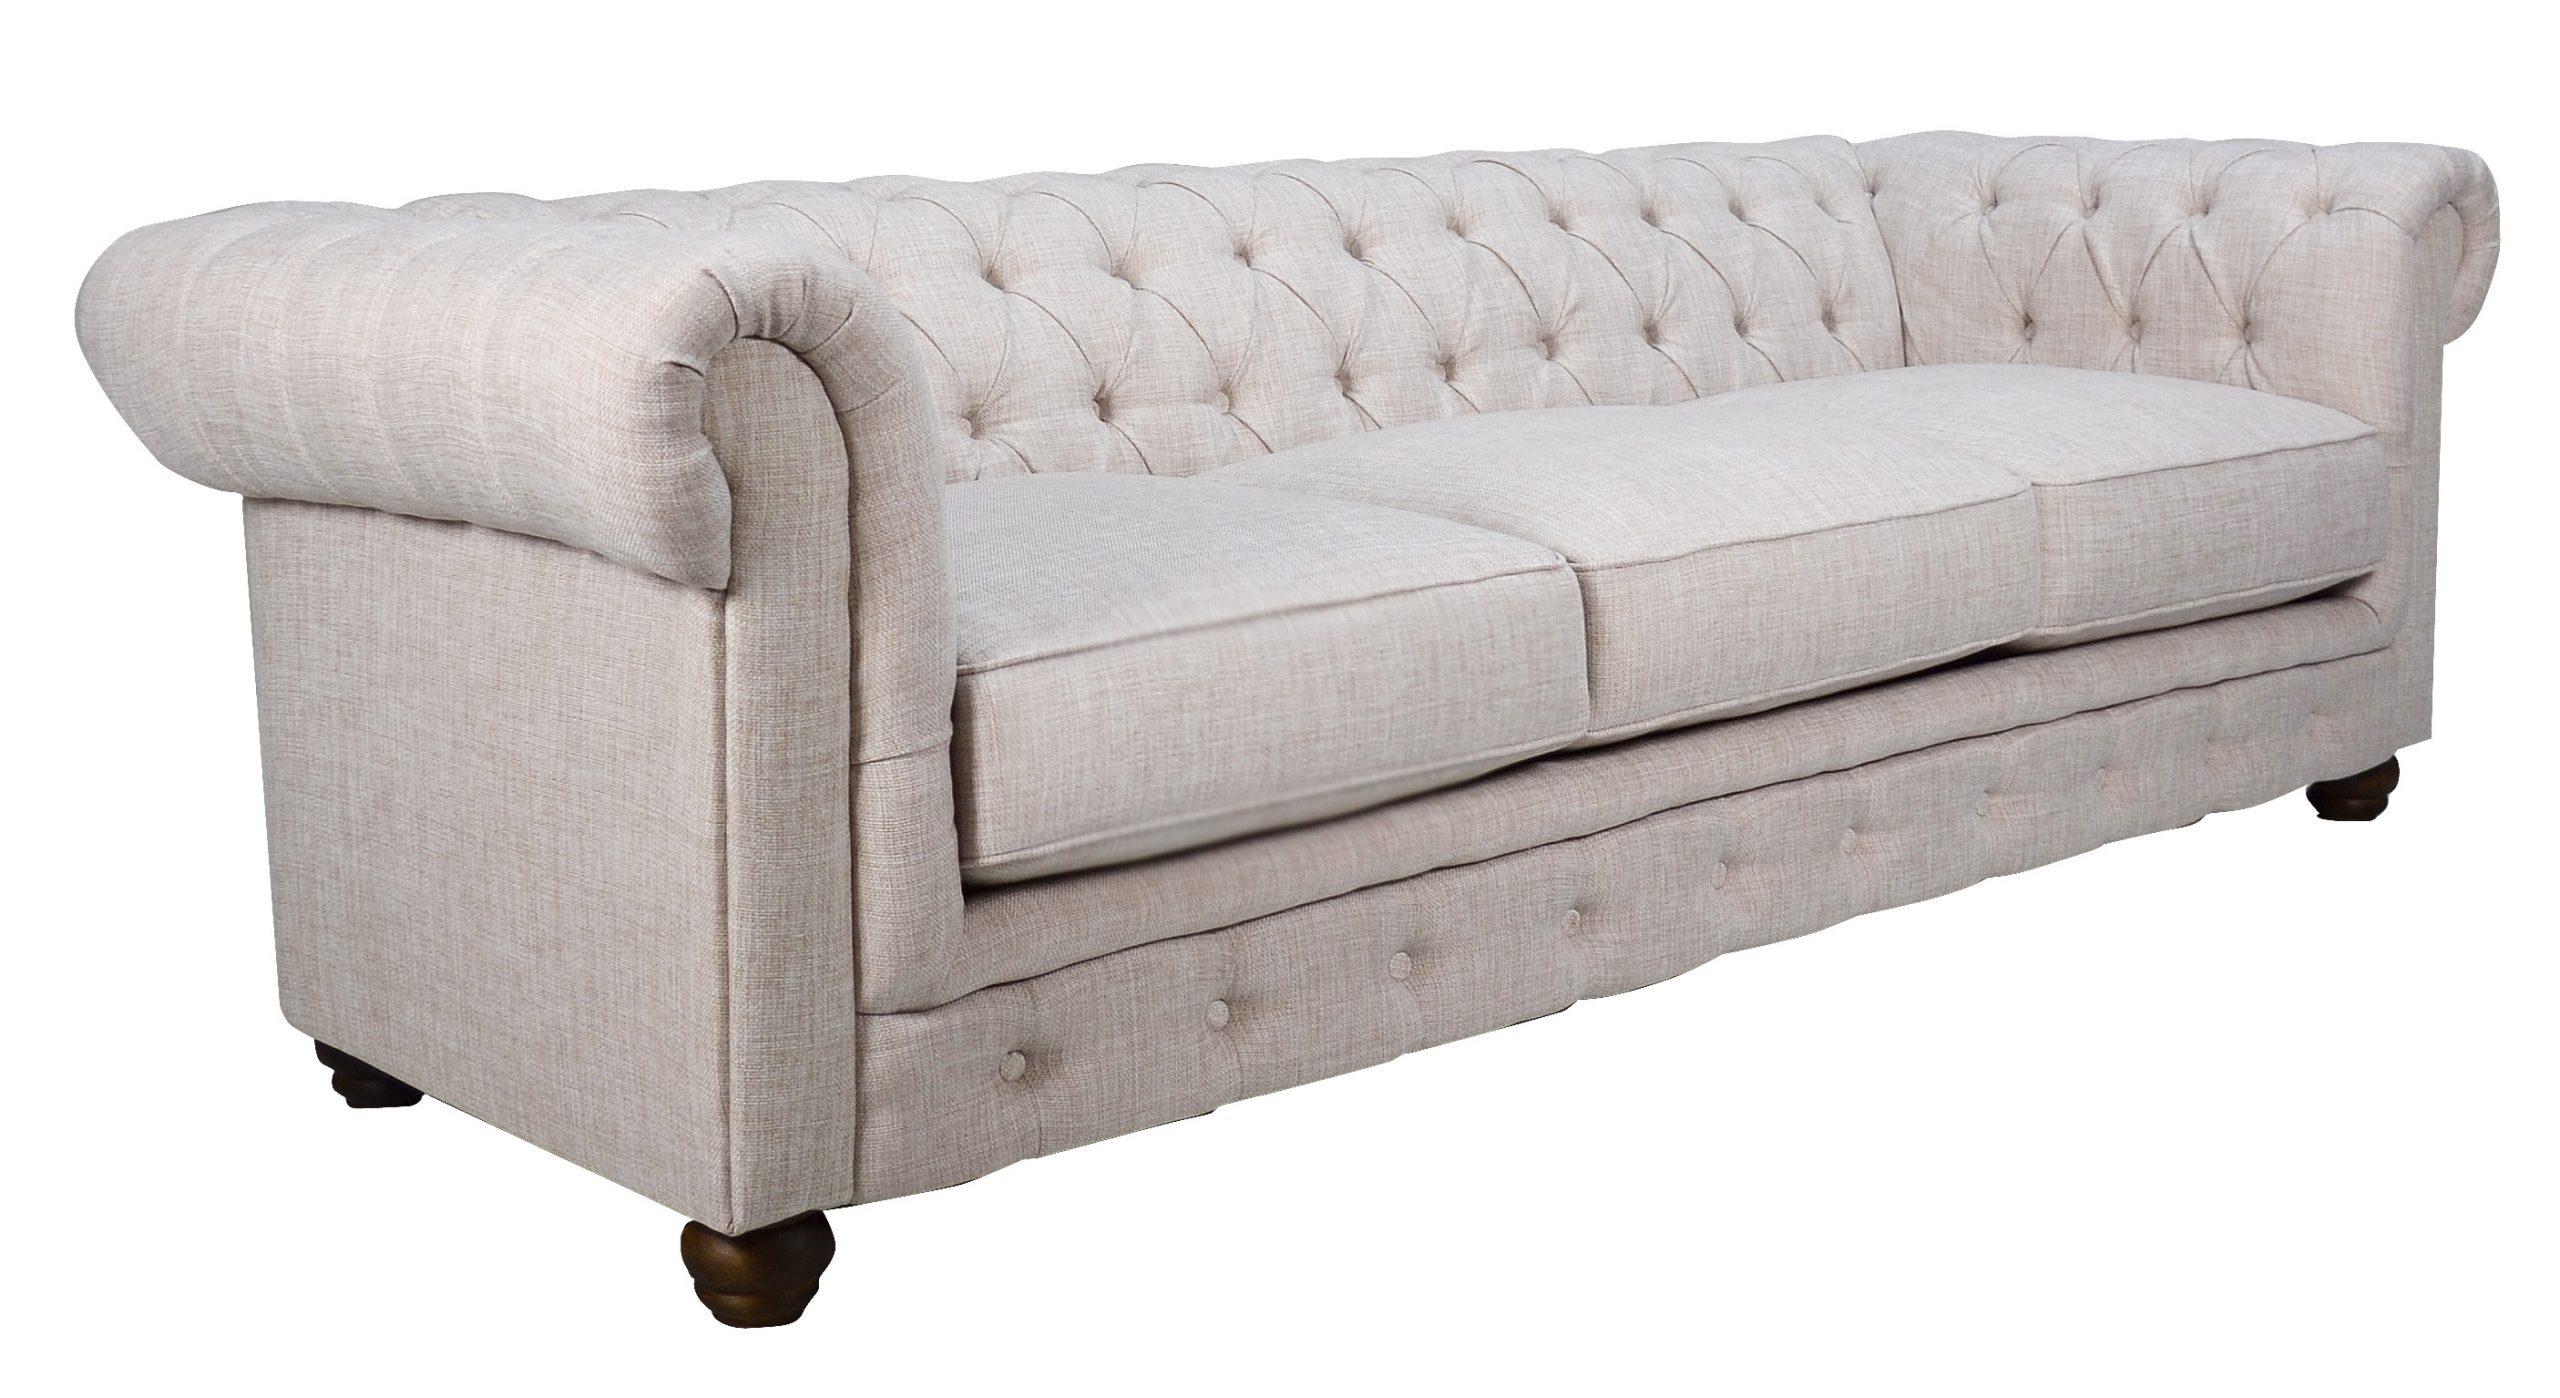 Full Size of 3 Sitzer Sofa Carrie Bezug Ecksofa Mit Ottomane Chesterfield Günstig Englisch Kleines Wohnzimmer Dauerschläfer Microfaser Big L Form Relaxfunktion U Sofa 3 Sitzer Sofa